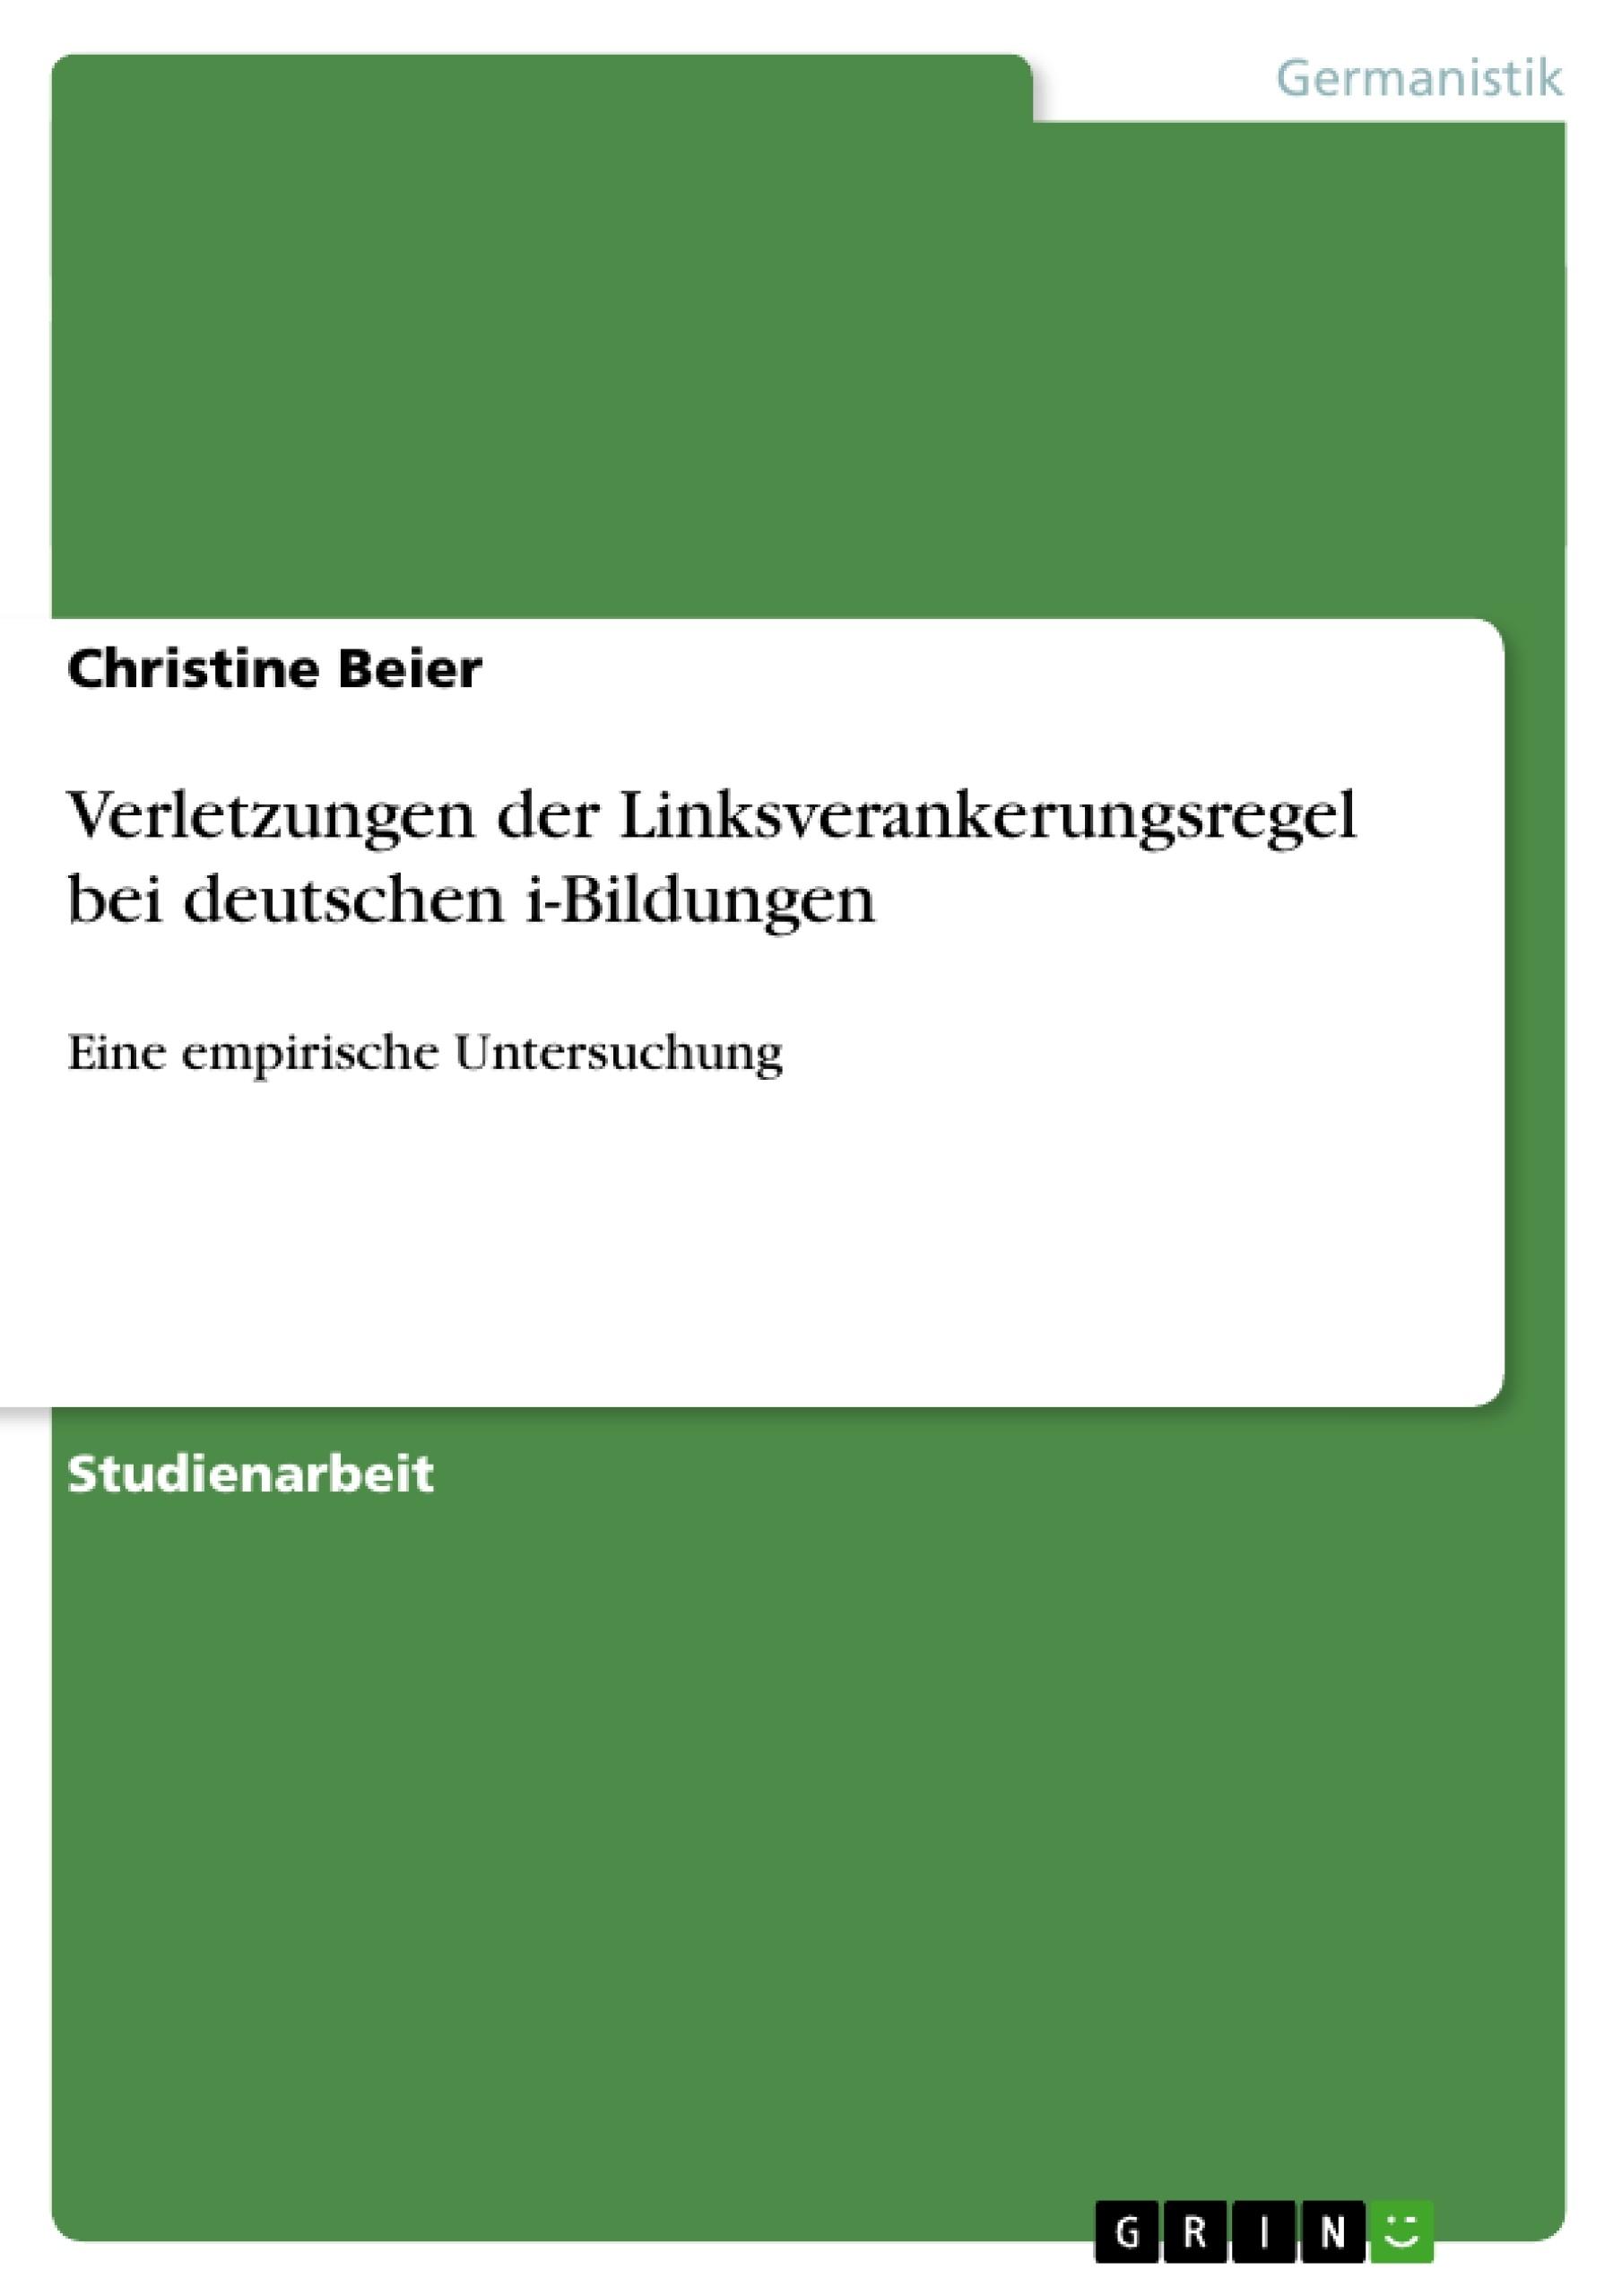 Titel: Verletzungen der Linksverankerungsregel bei deutschen i-Bildungen